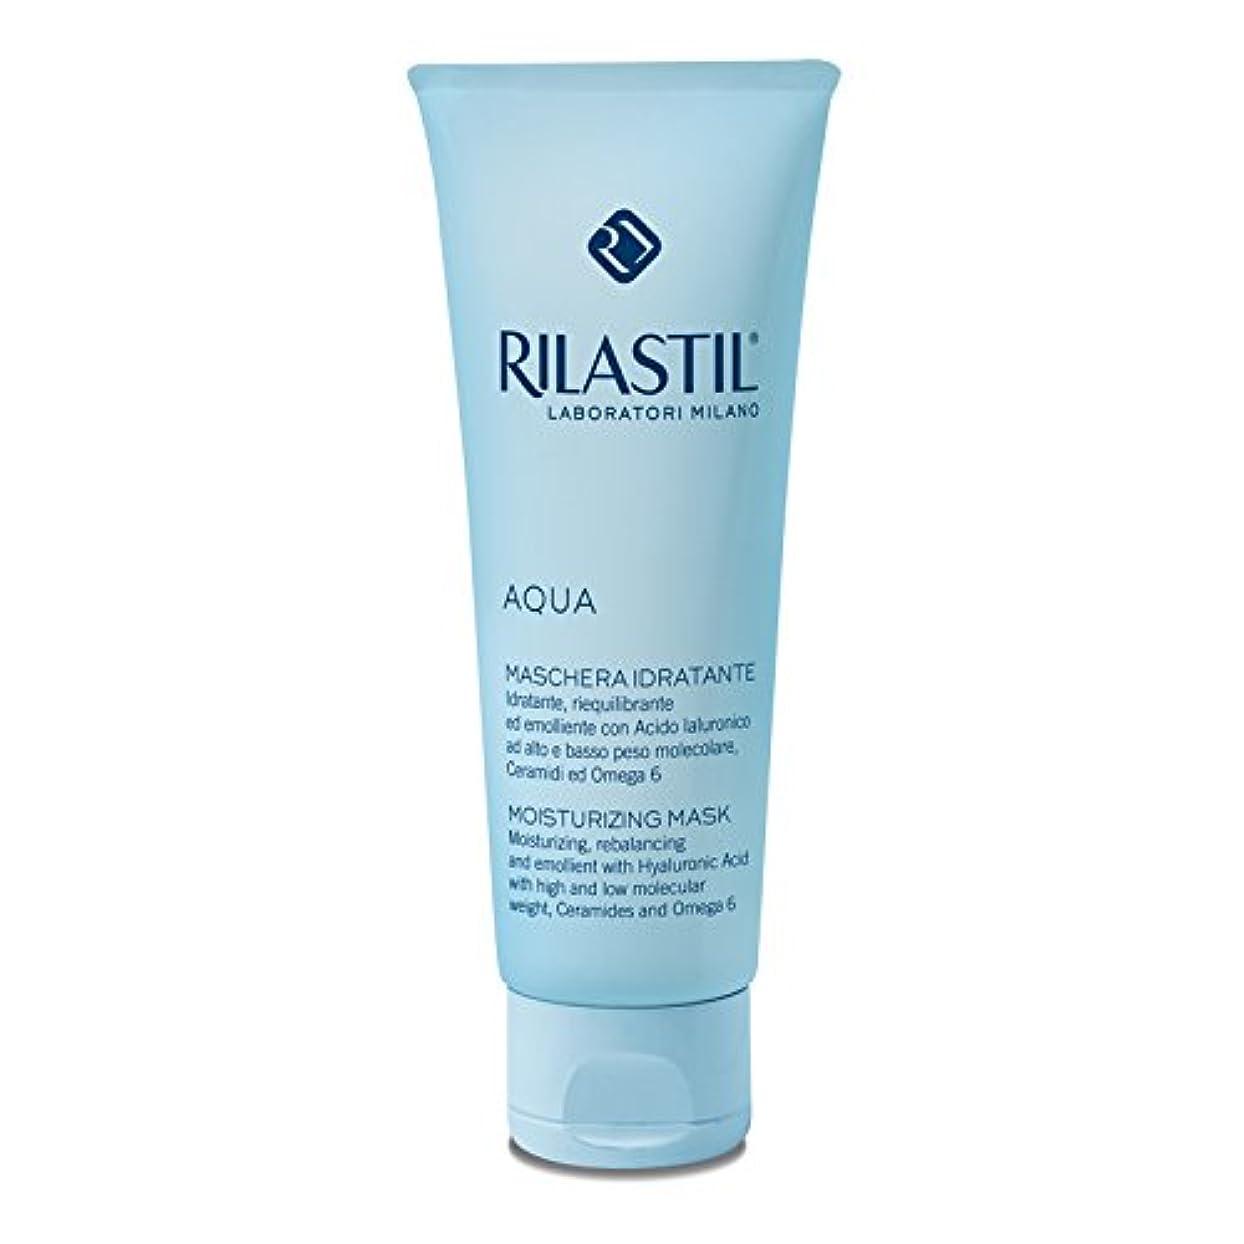 クリーク主人そこRilastil - AQUA Moisturizing Mask (75 ml) [並行輸入品]